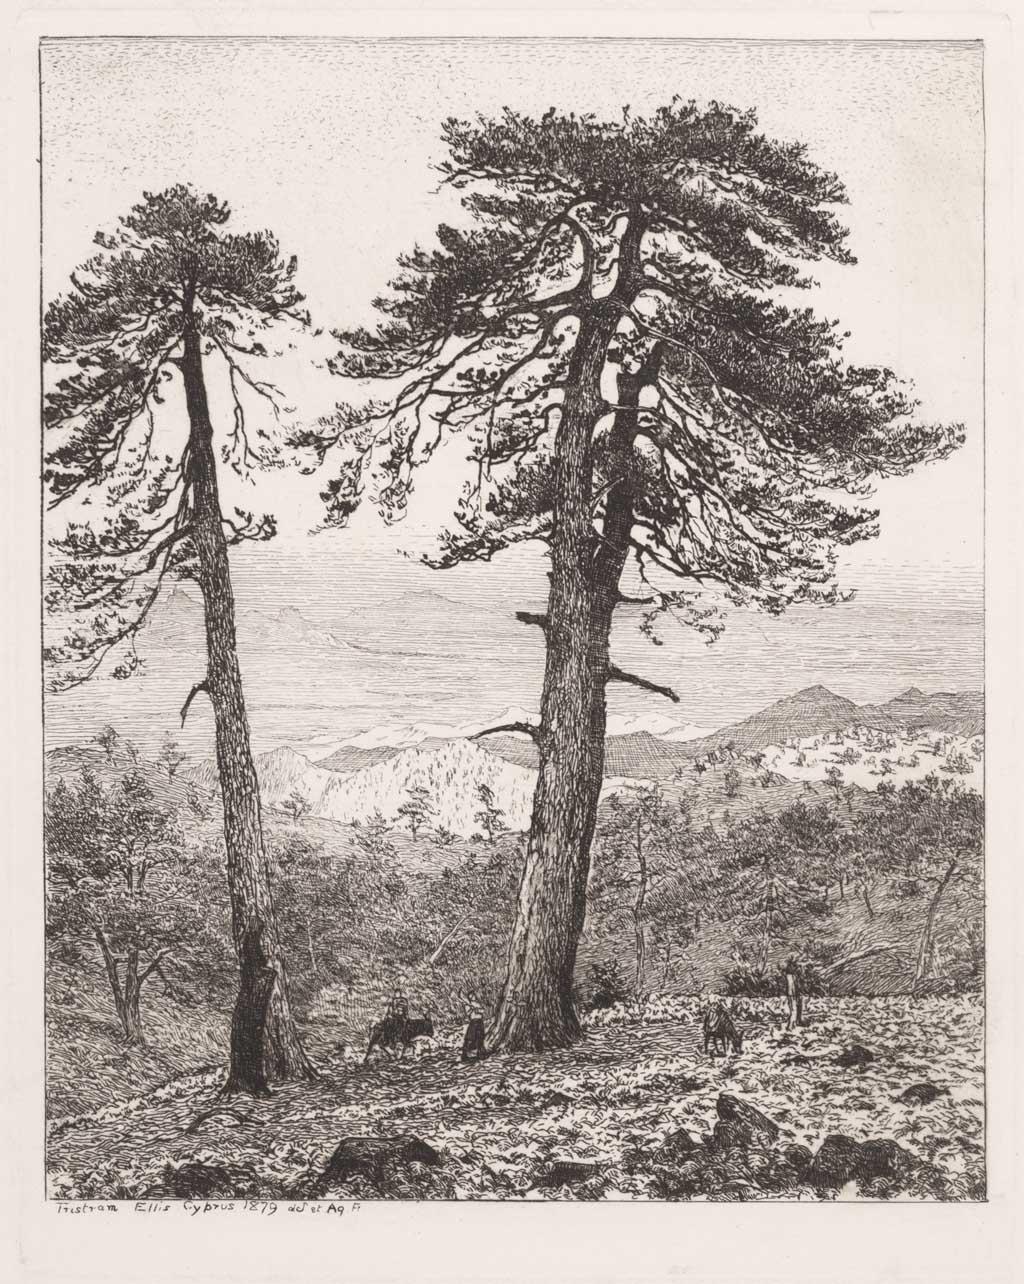 Landschap op Cyprus